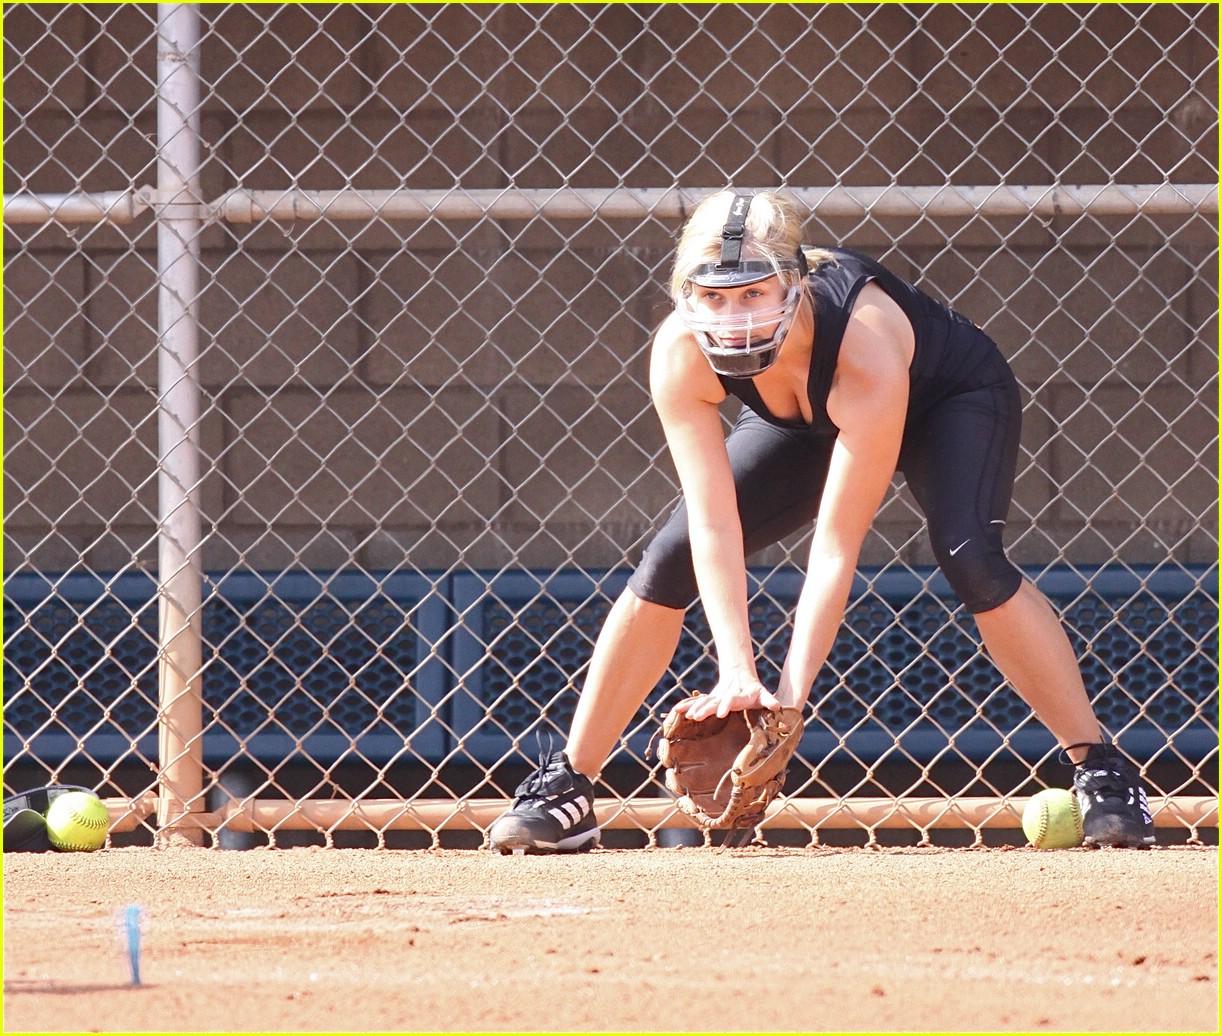 Sexy softball pics